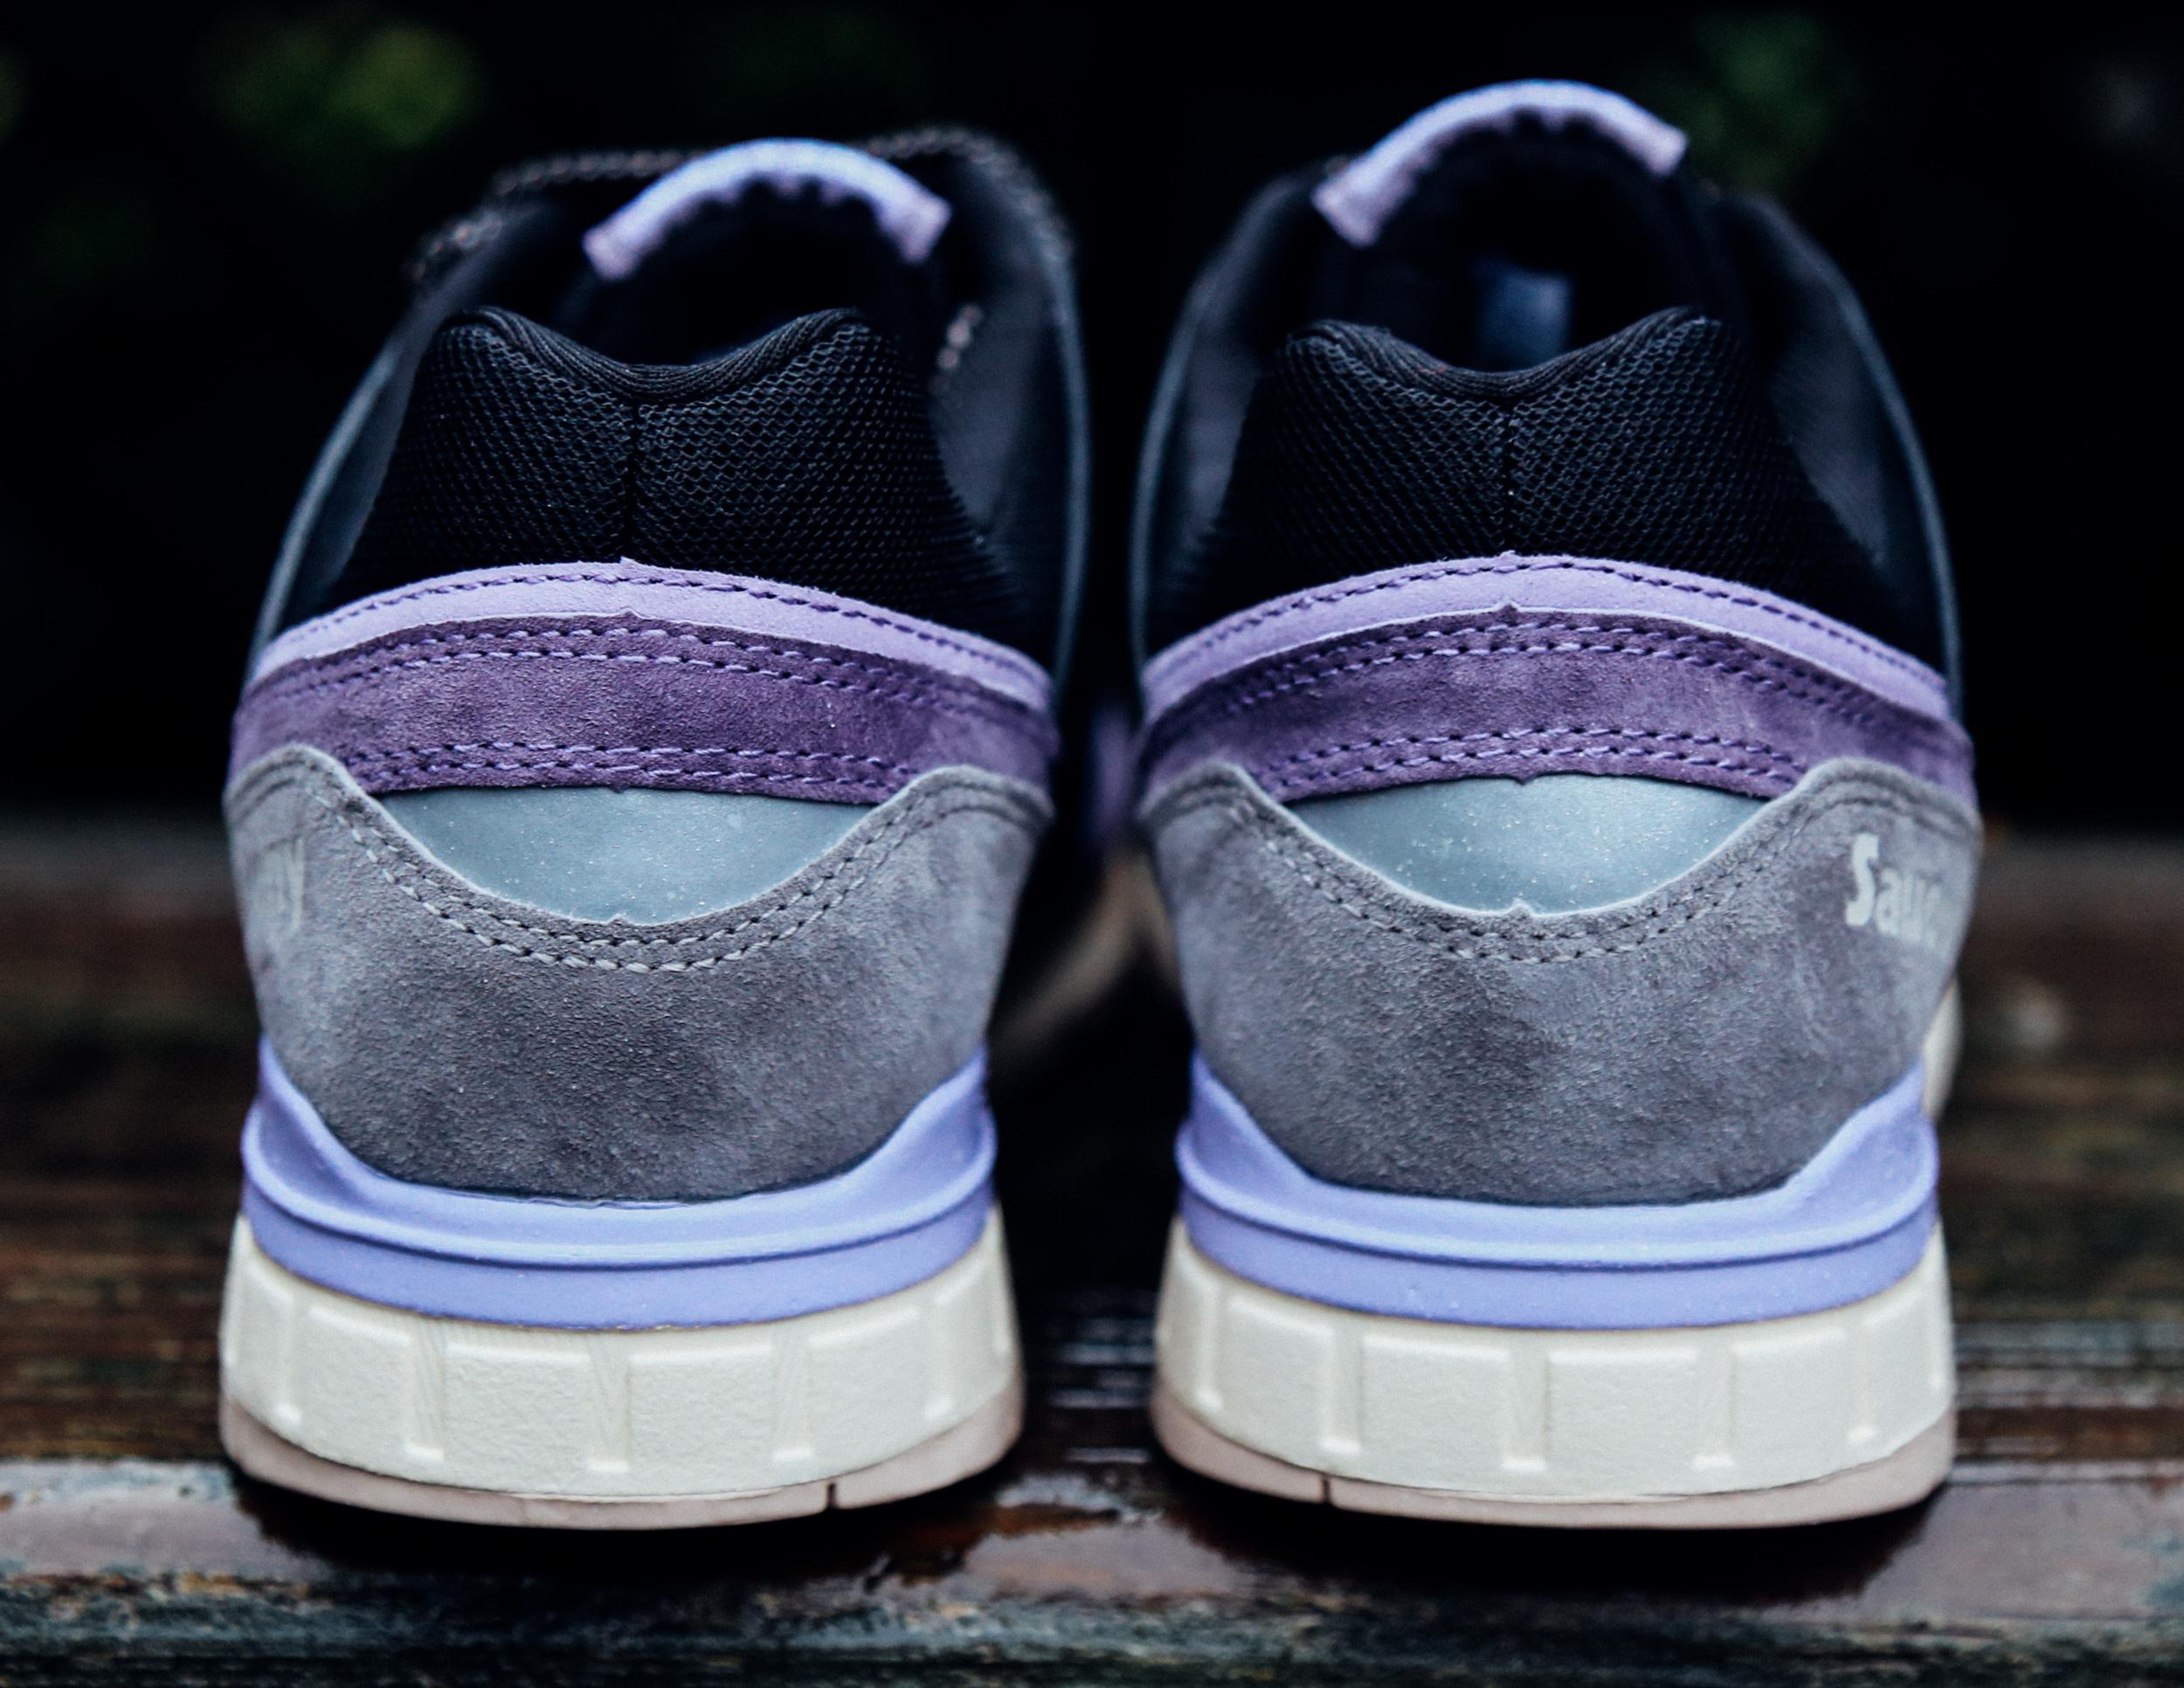 SneakerFreakerMag-Saucony-GRID-SD-KUSHWHACKER-DETAILED-LOOK_4269.jpg